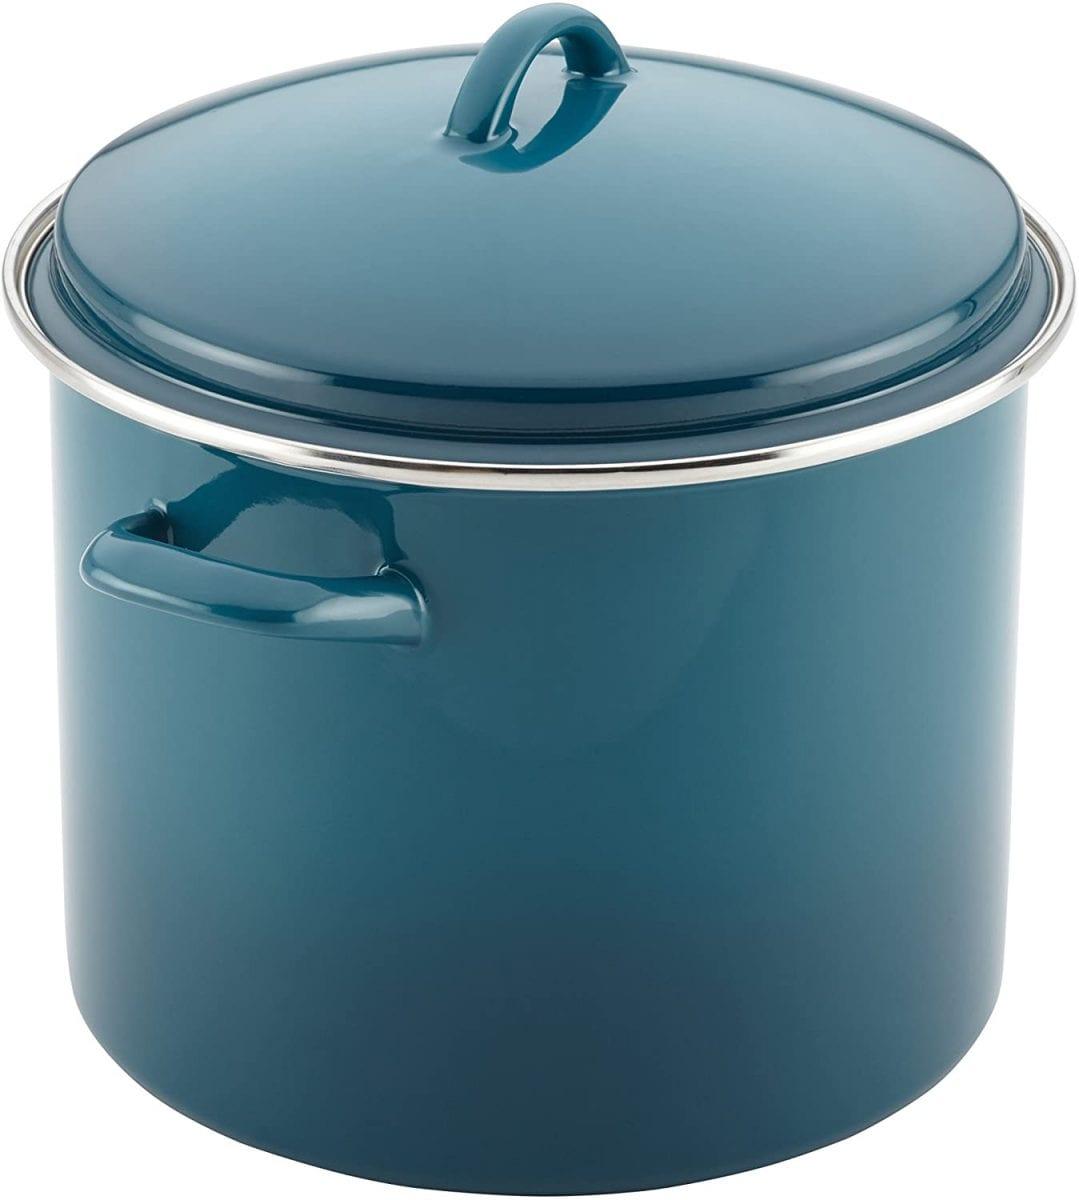 Rachel Ray enamel stock pot in marine blue